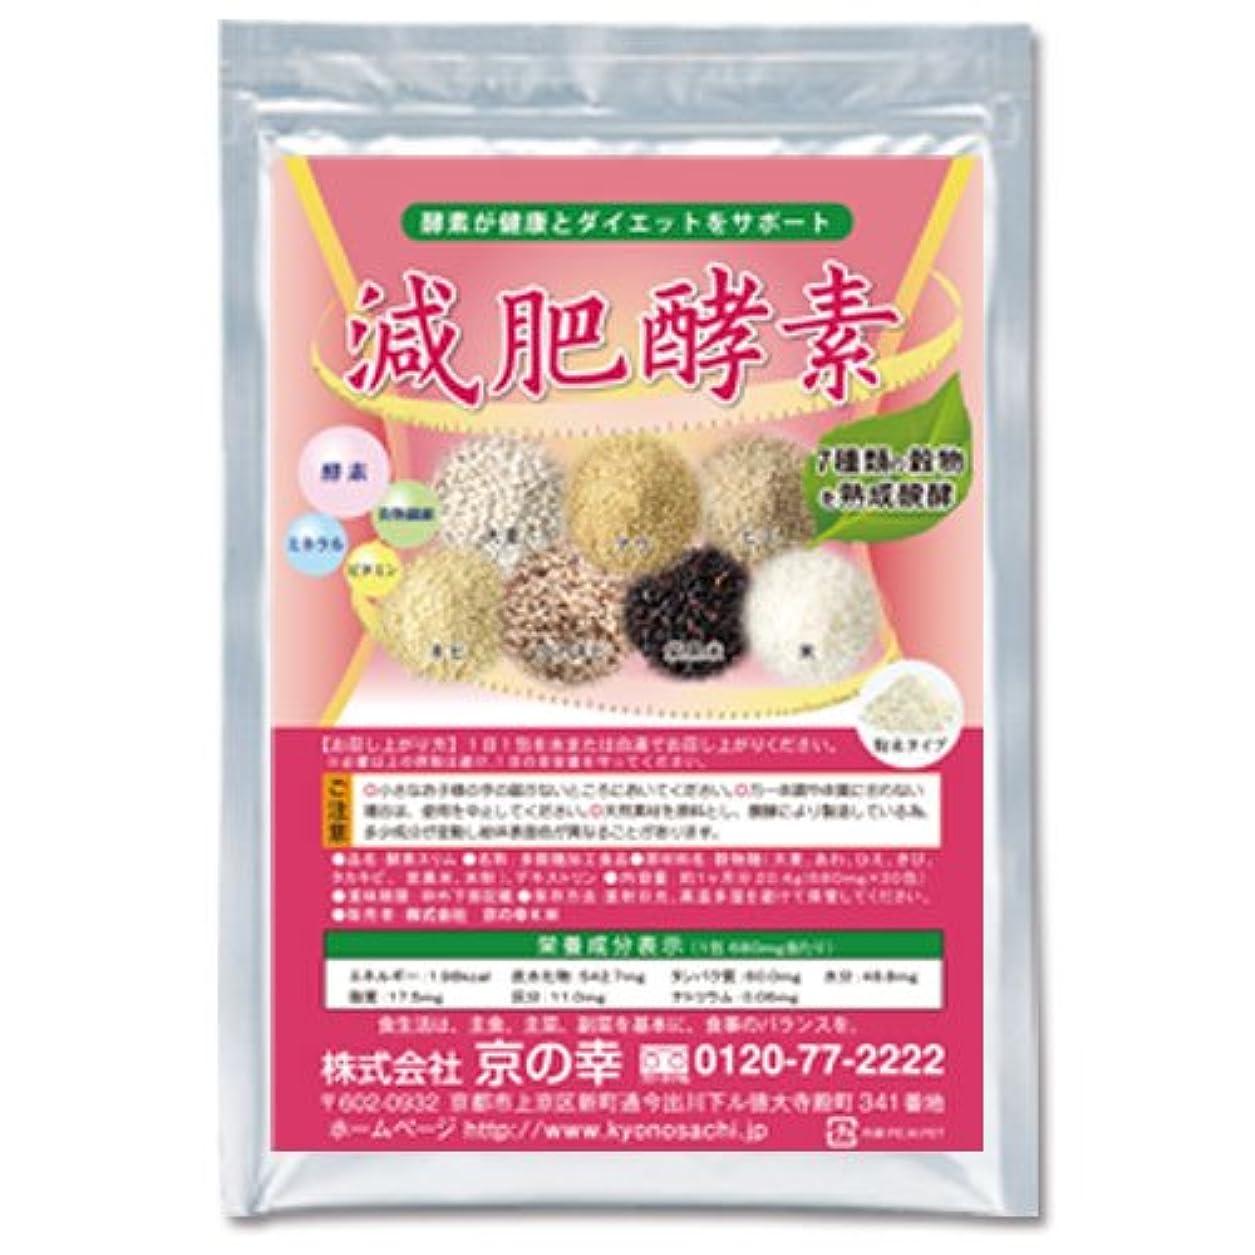 分注するオーブンボード減肥酵素(30包)1ヶ月分